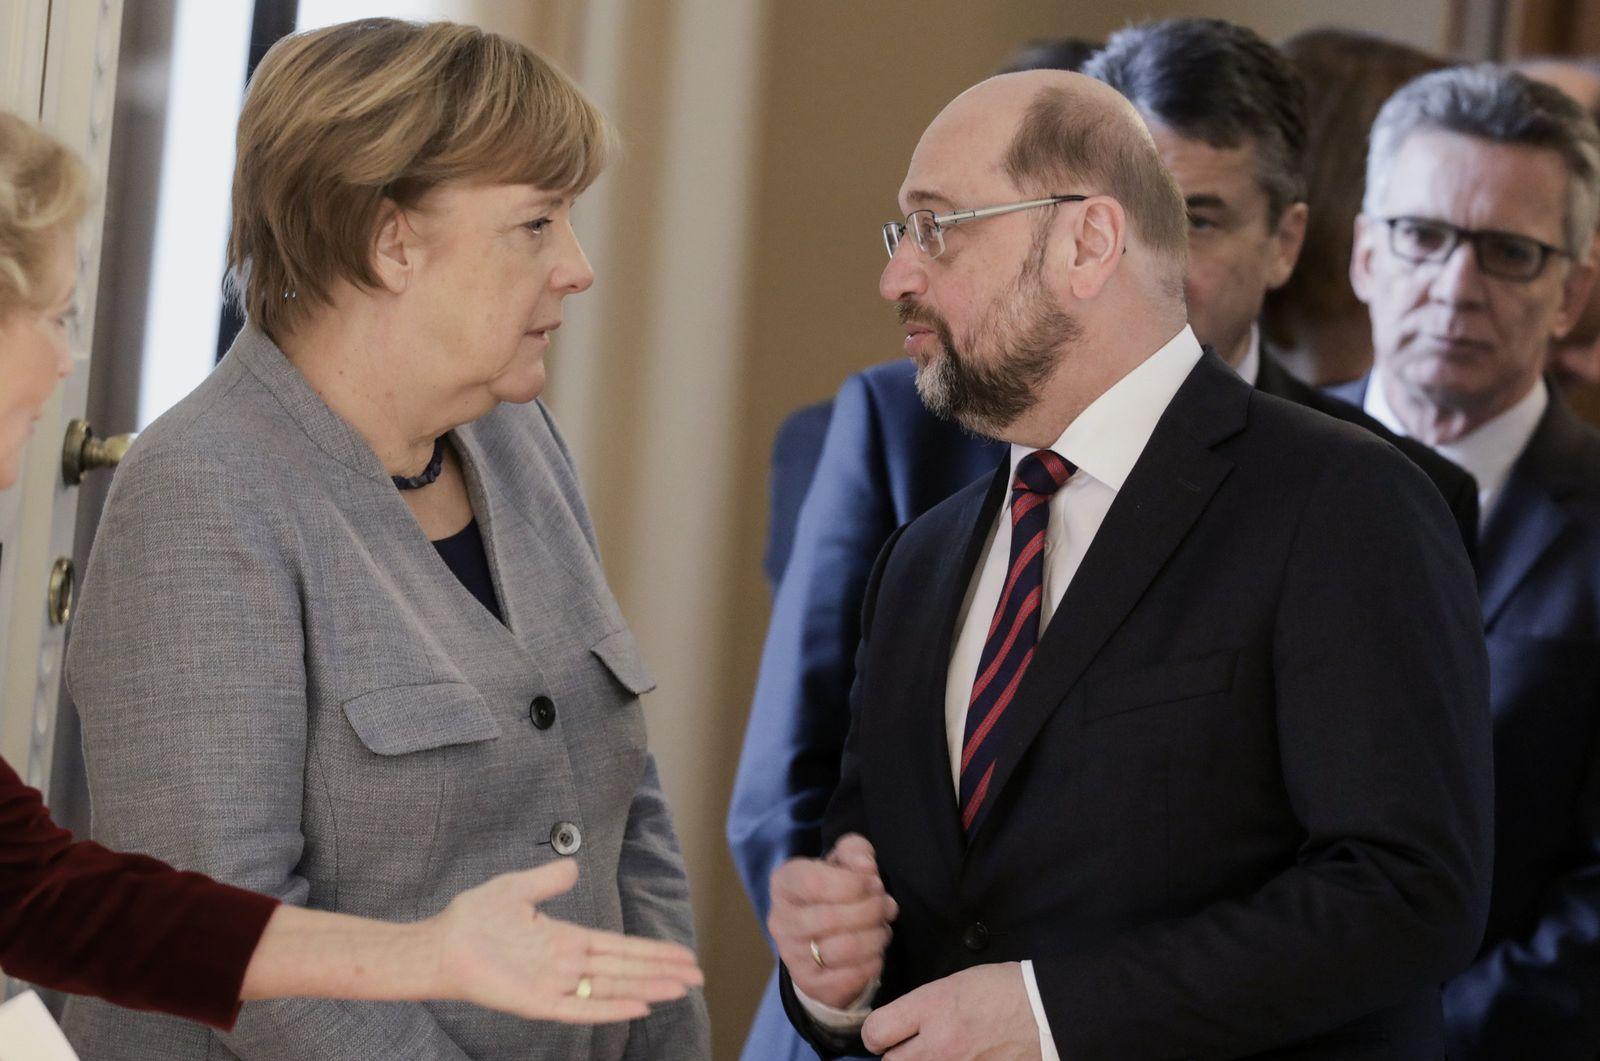 Merkel, Schulz